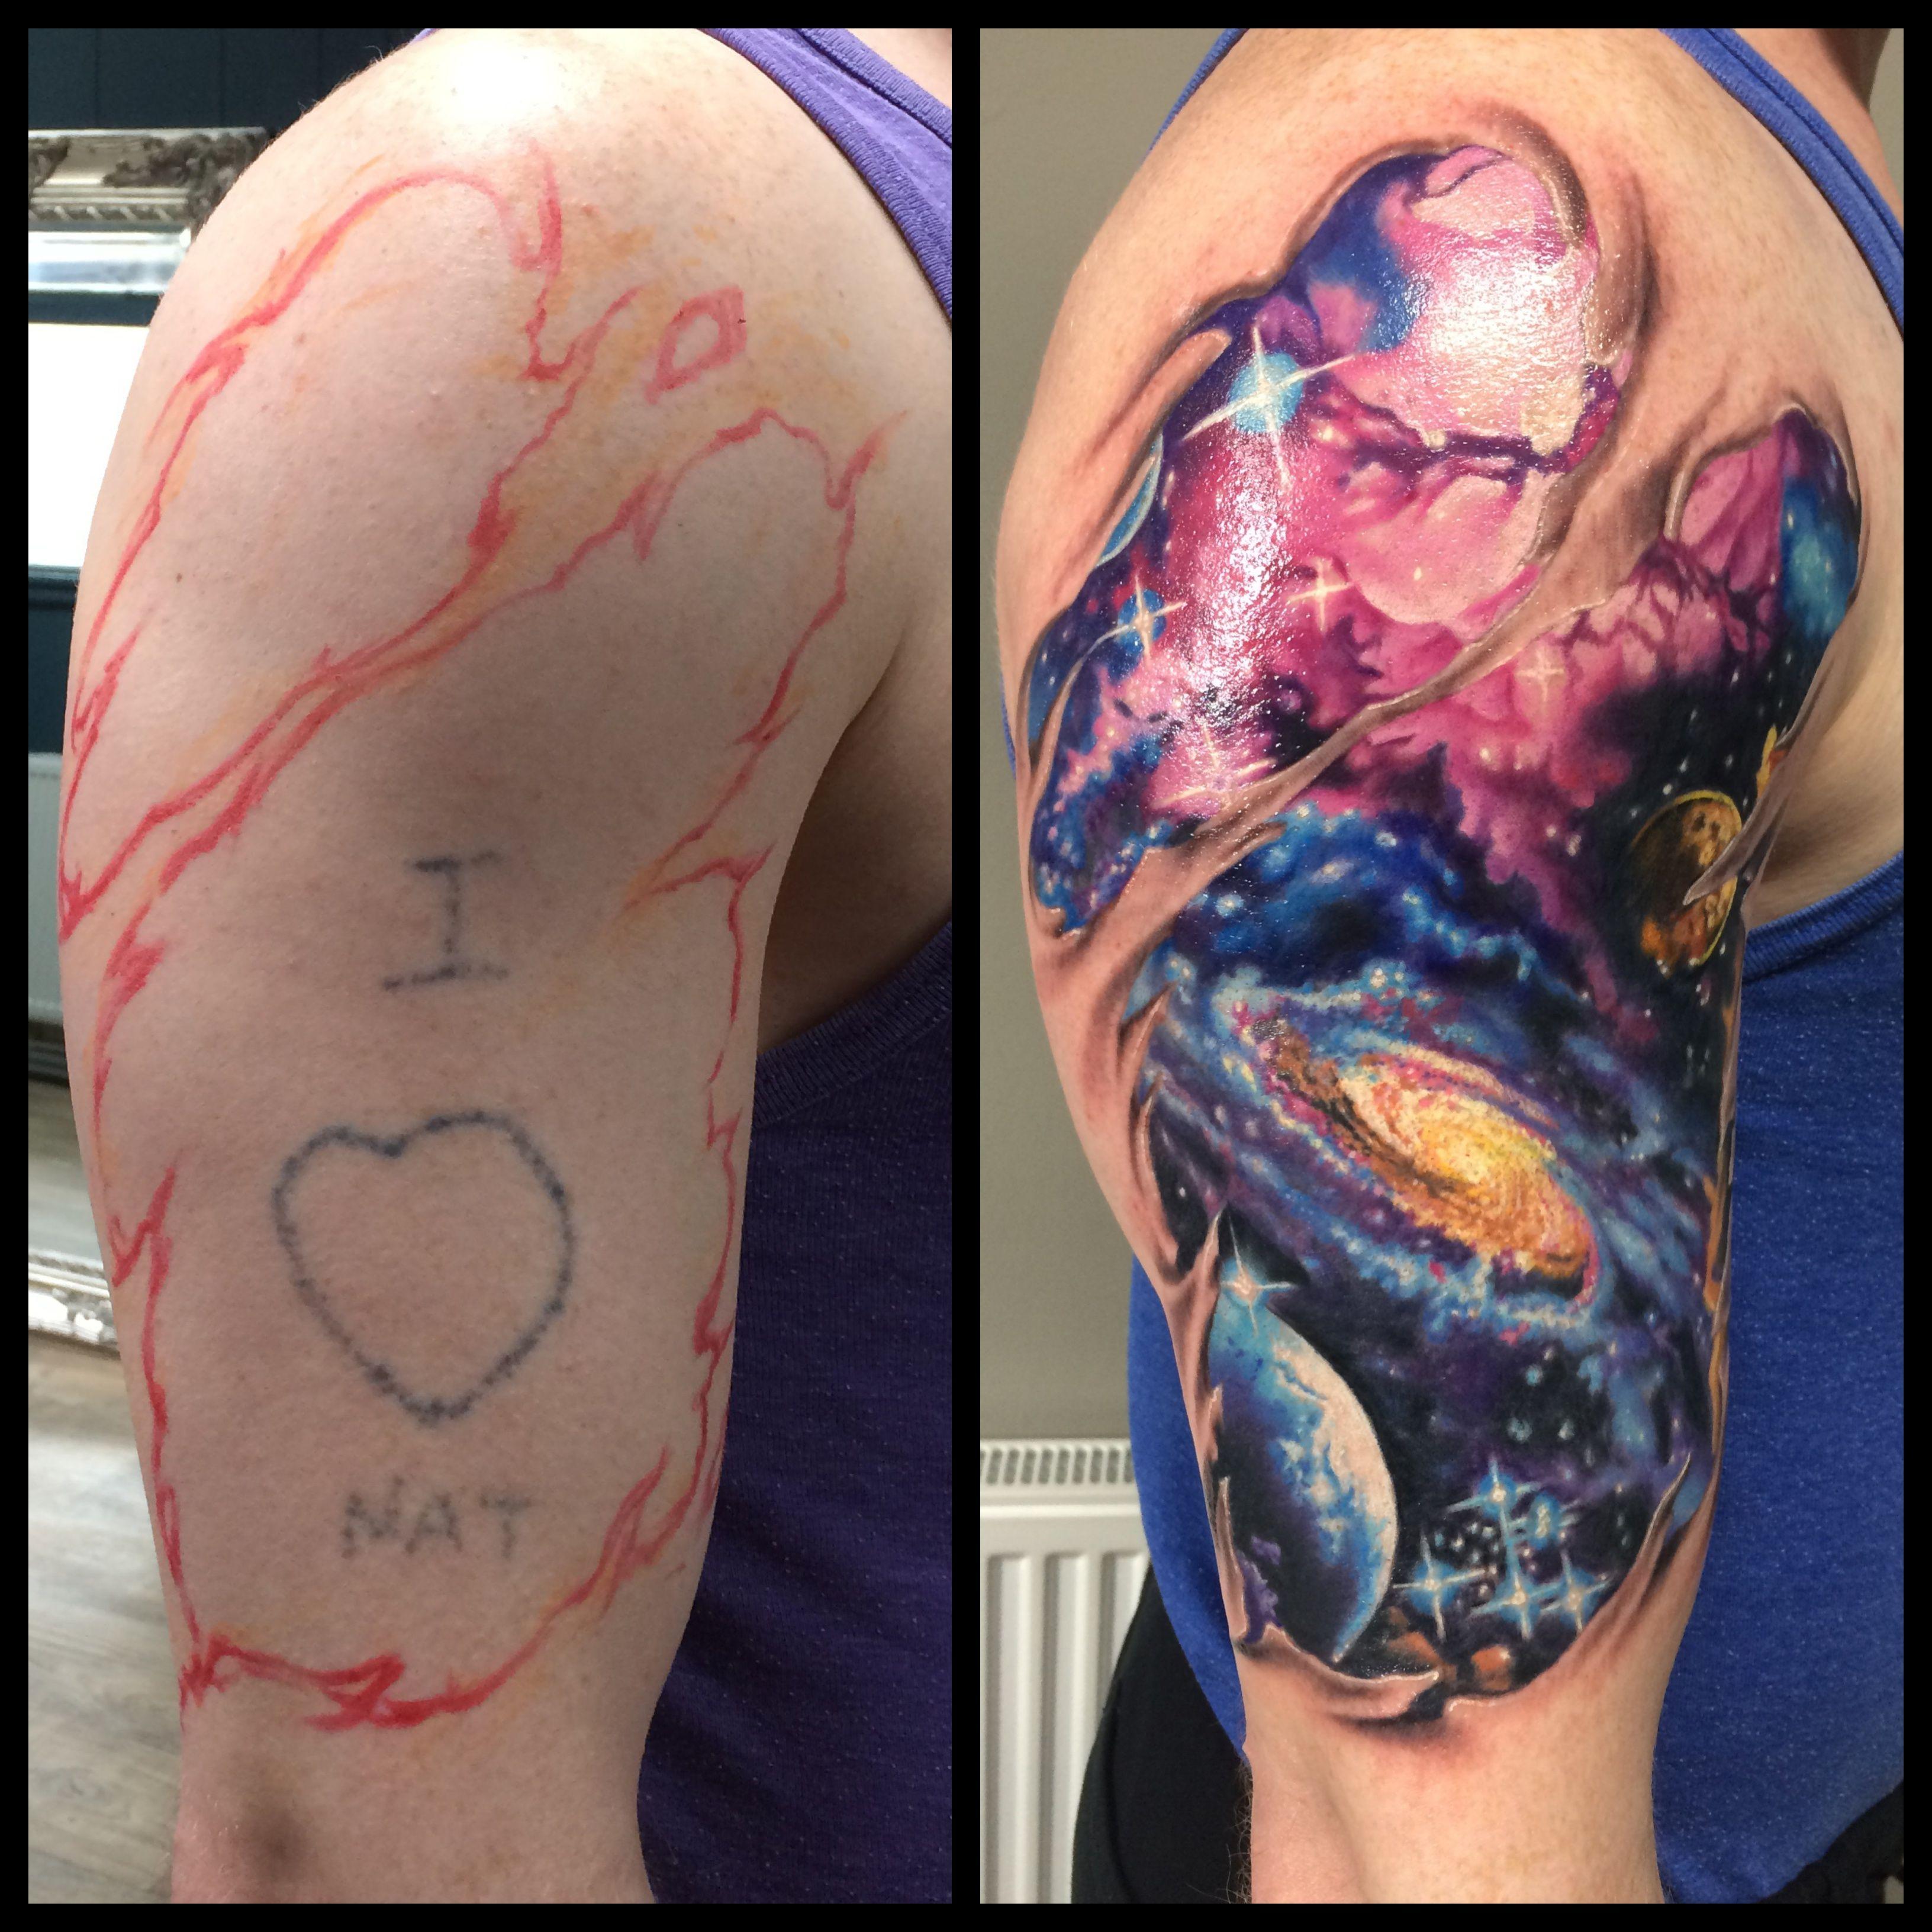 Great cover up tattoo ideas galaxy tattoo space tattoo ripped skin tattoo  tattoos